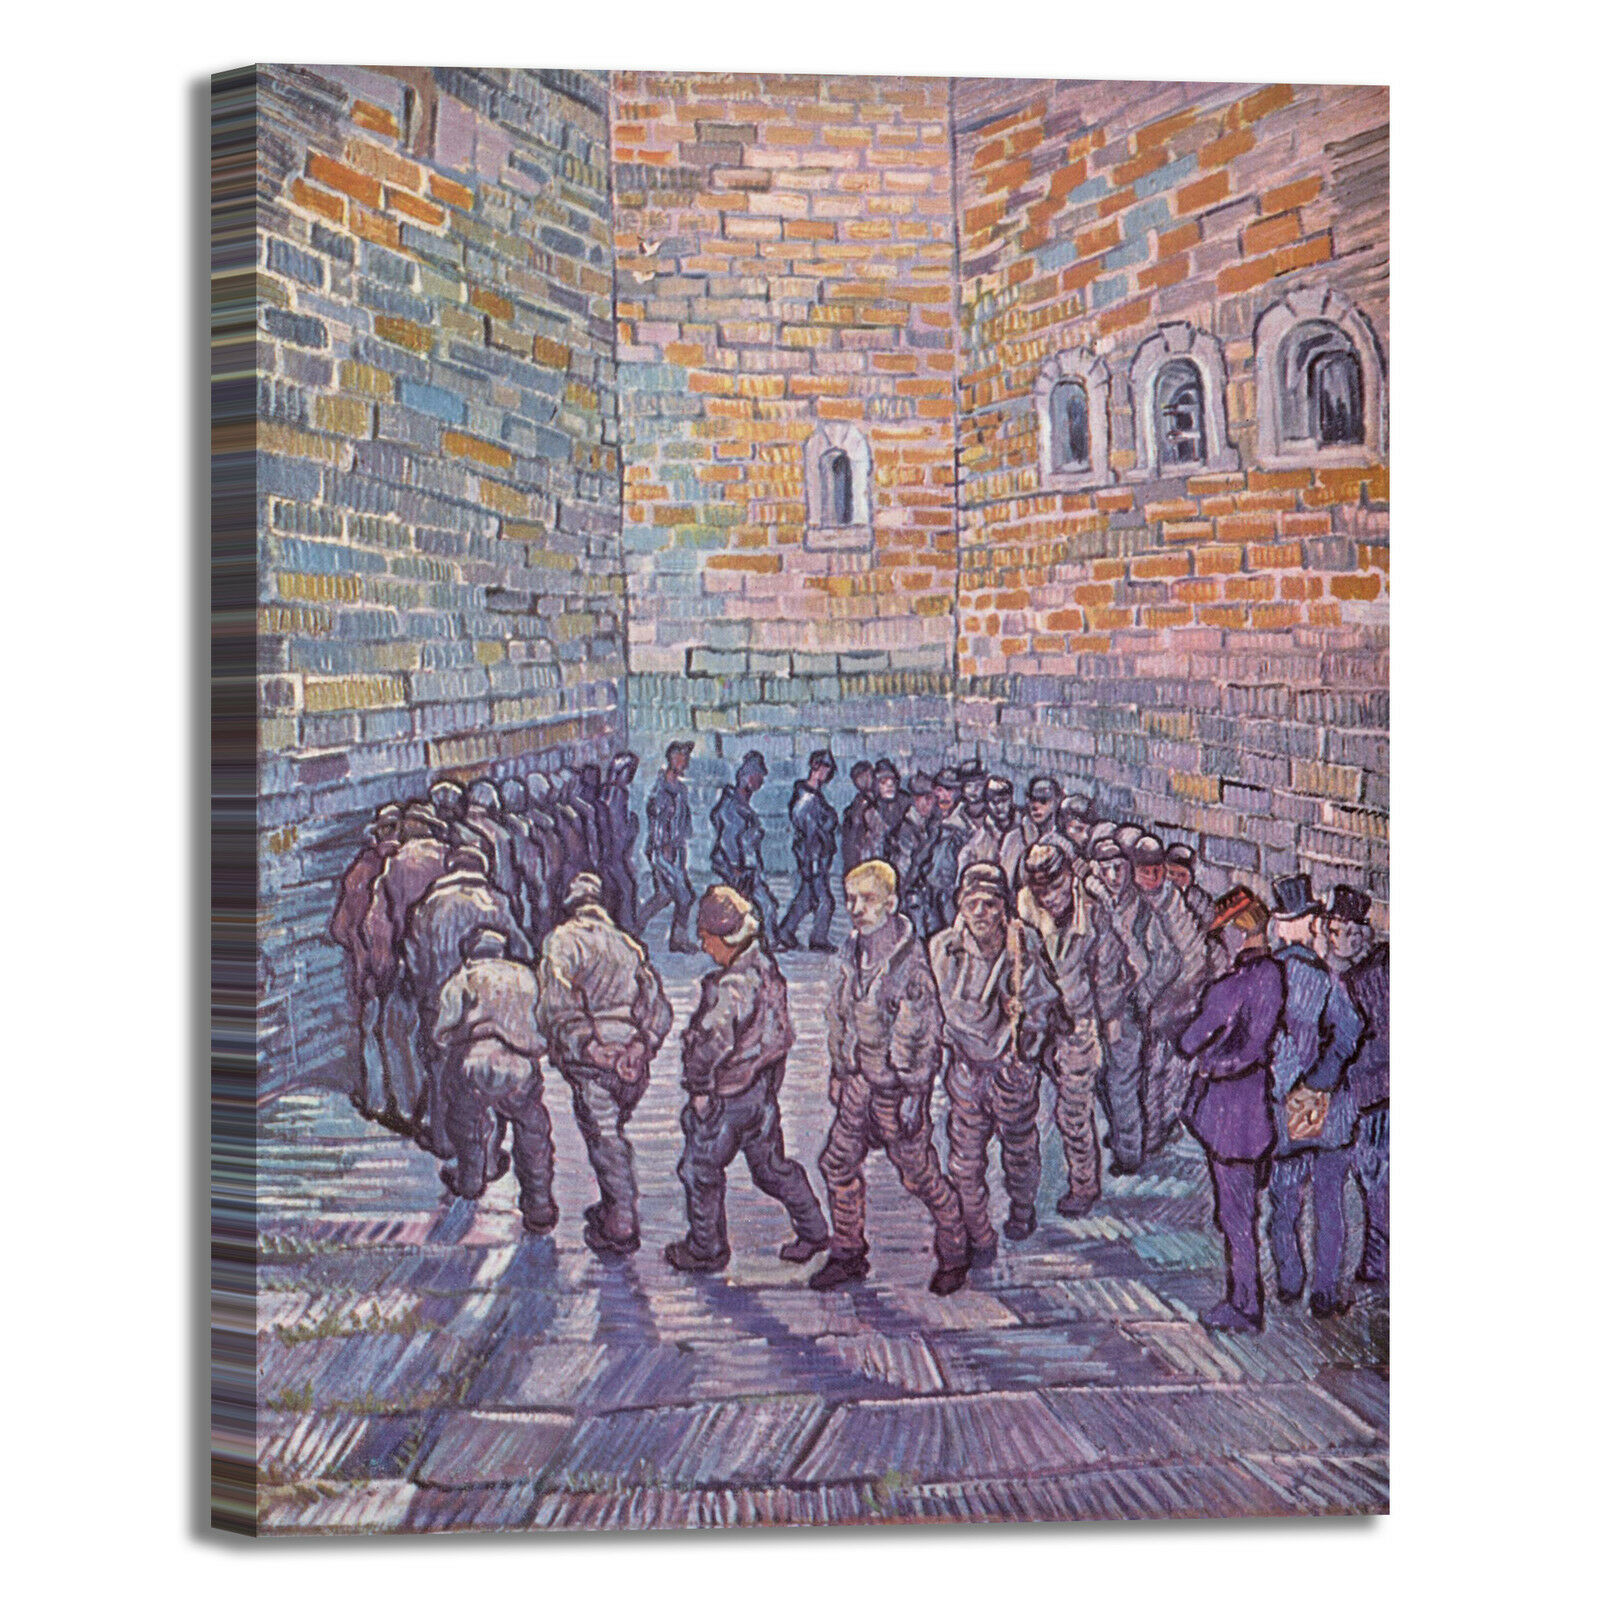 Van carcerati Gogh la ronda dei carcerati Van quadro stampa tela dipinto telaio arRouge o casa b12b62